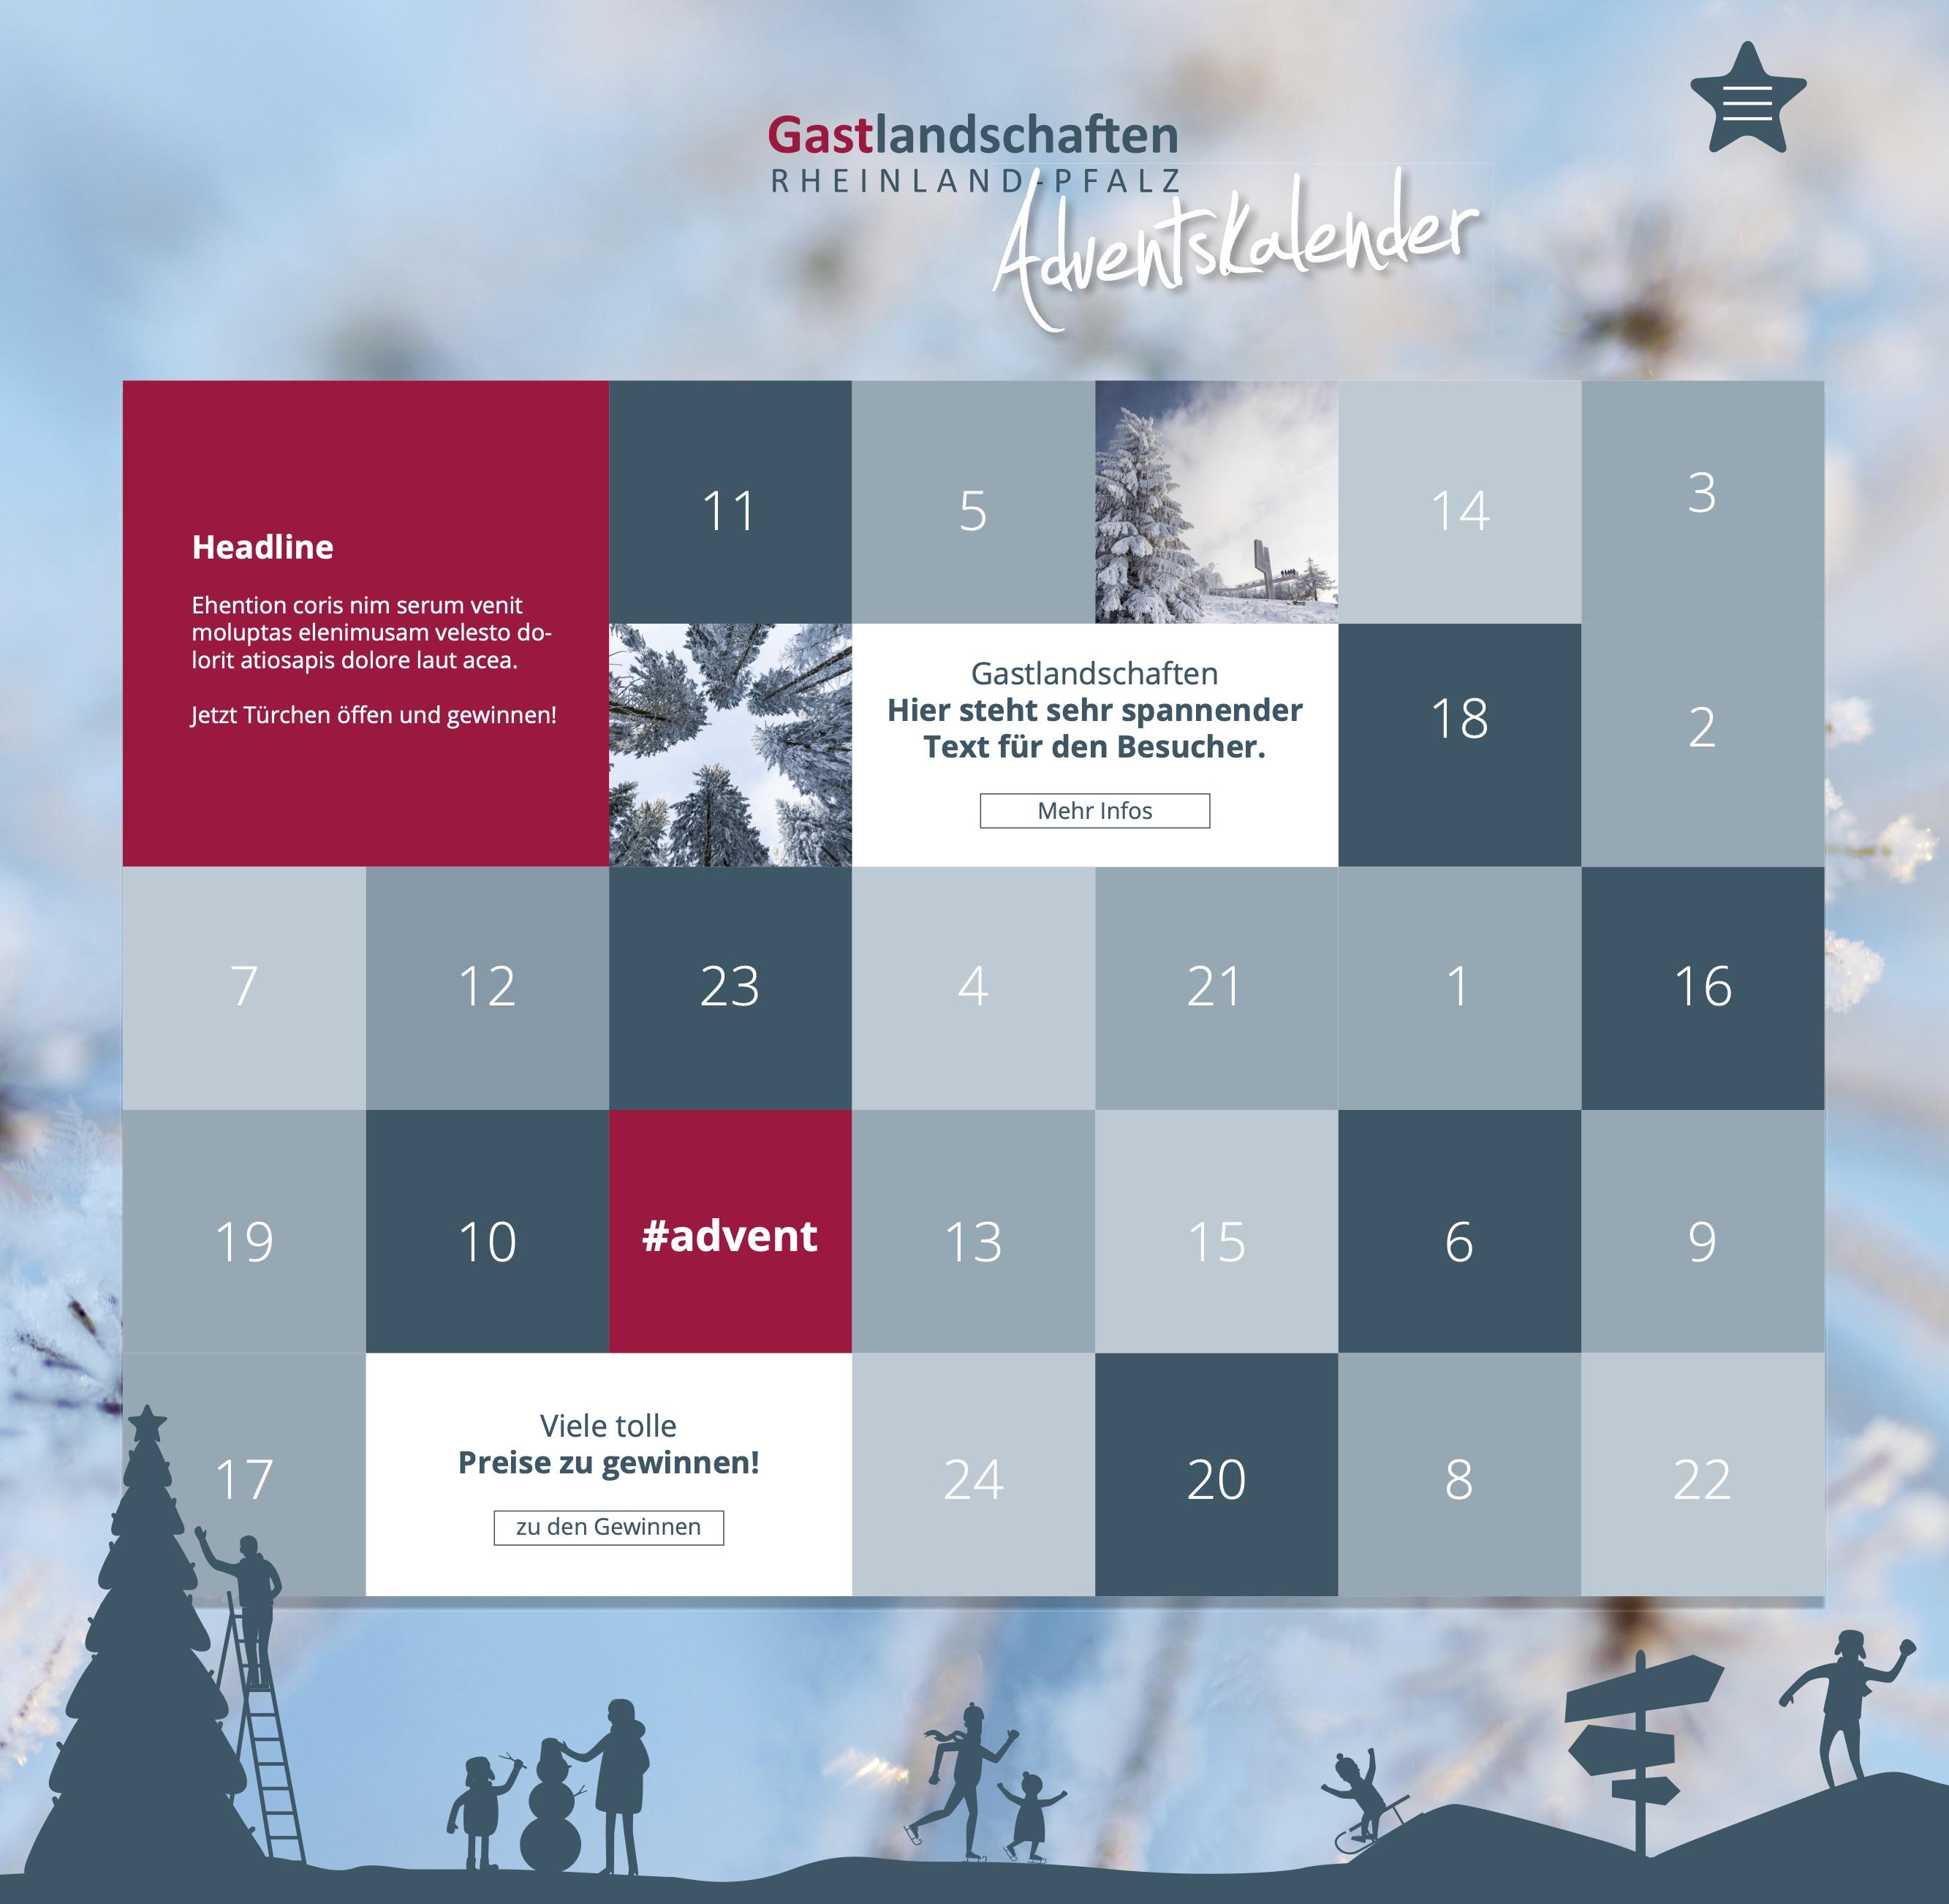 Online Adventskalender - Rheinland-Pfalz Tourismus - 2018